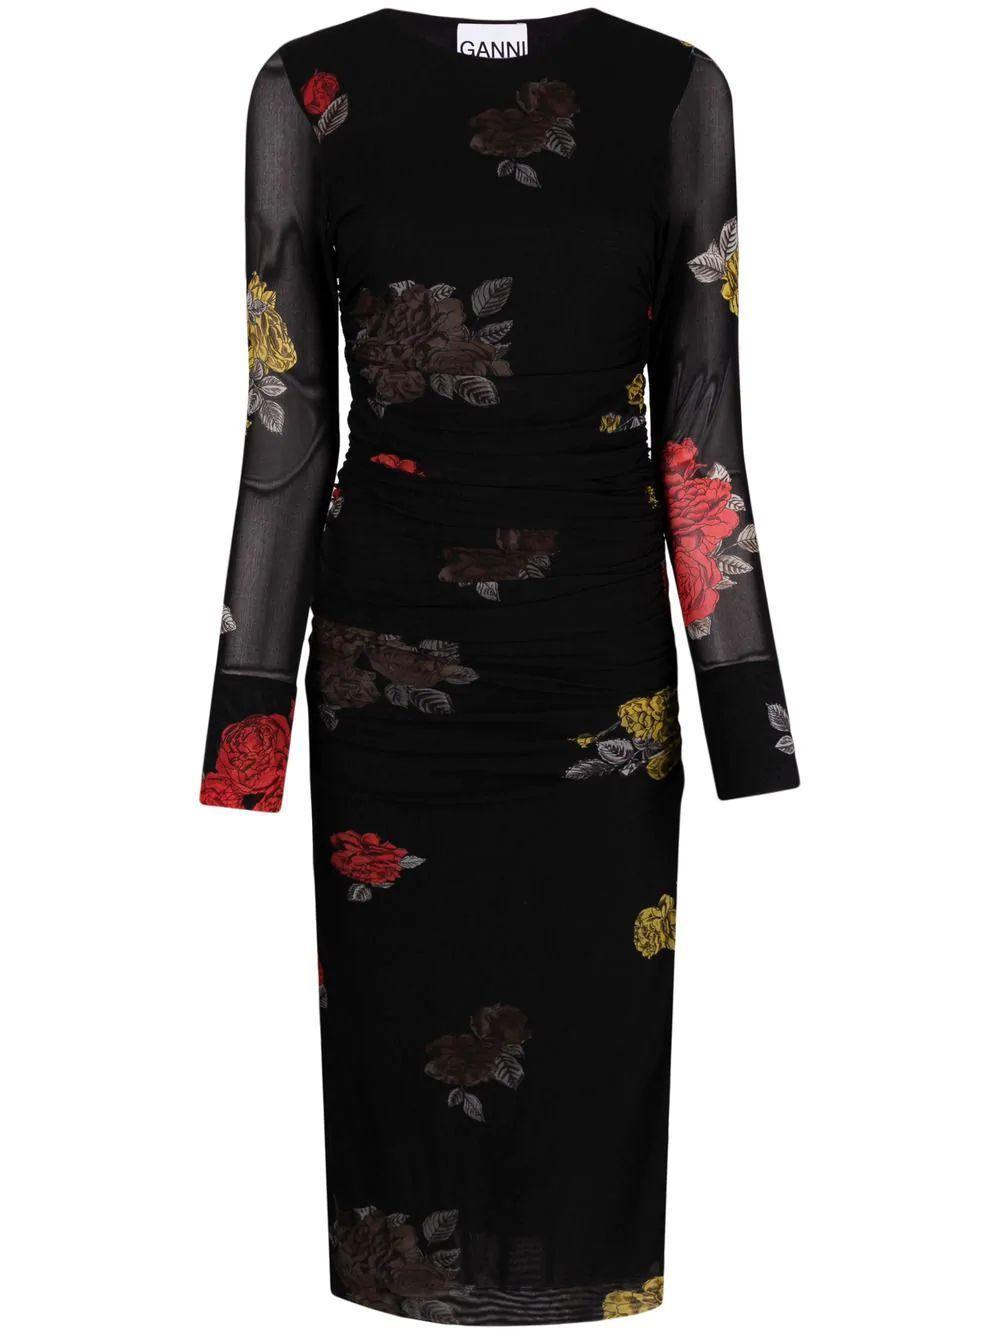 Floral Printed Mesh Dress